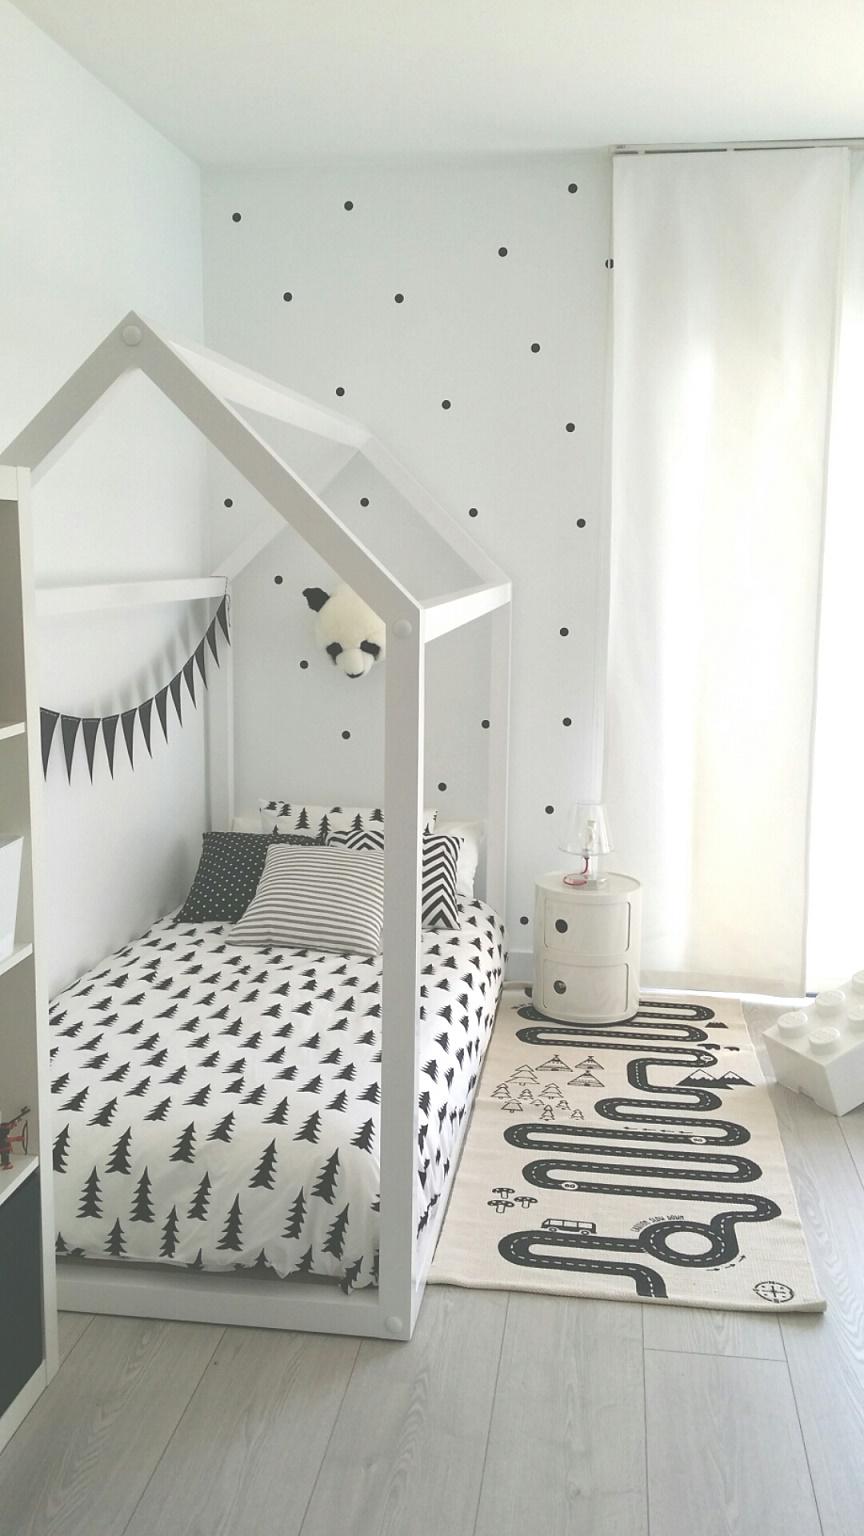 Habitación infantil en blanco y negro - Deco&Kids